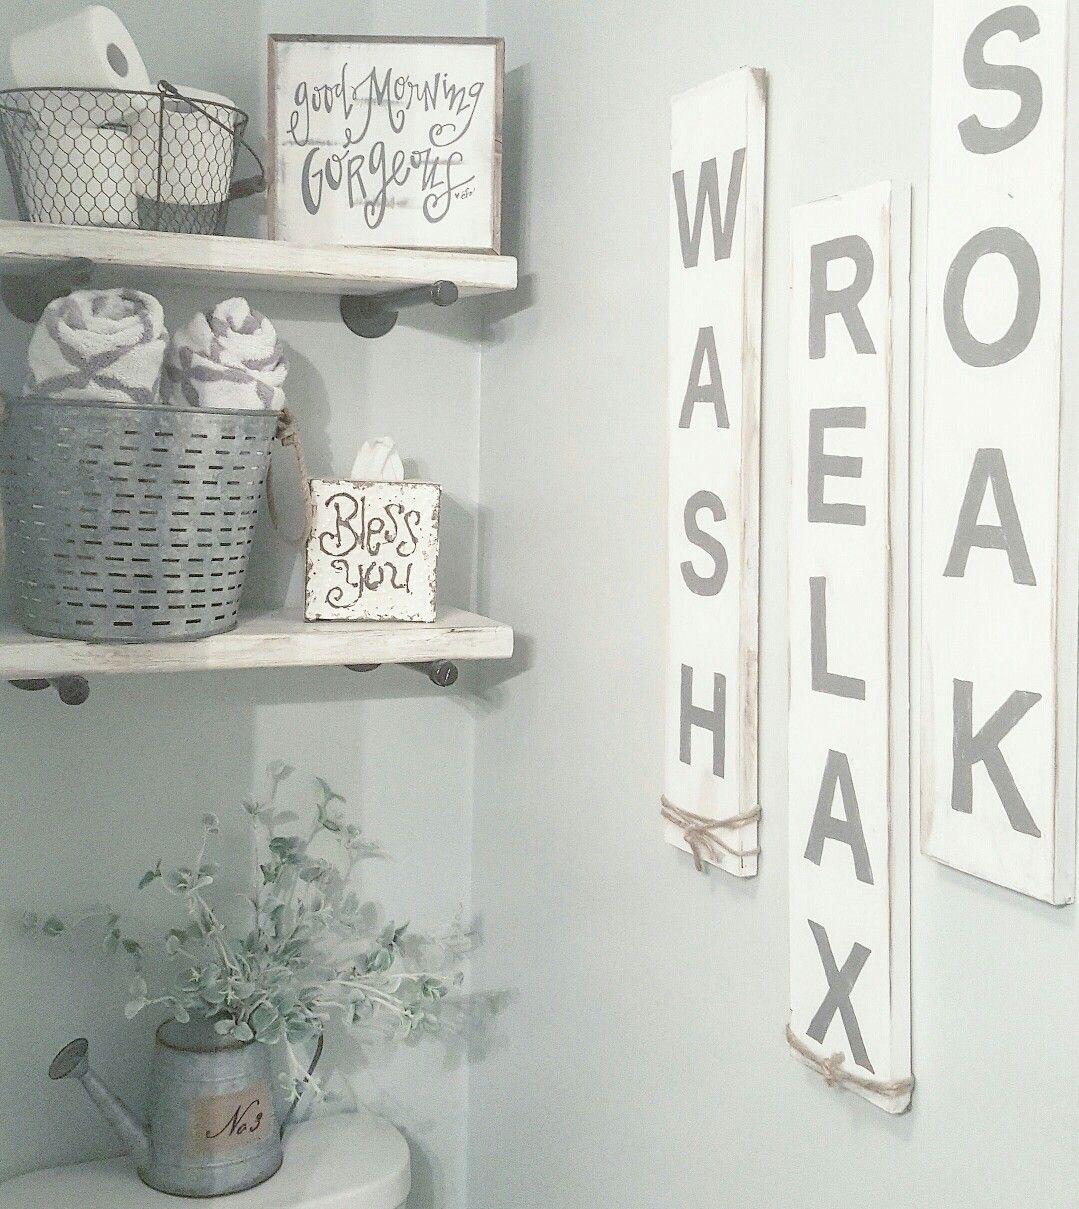 Farmhouse bathroom decor. Farmhouse signs. @blessed_ranch